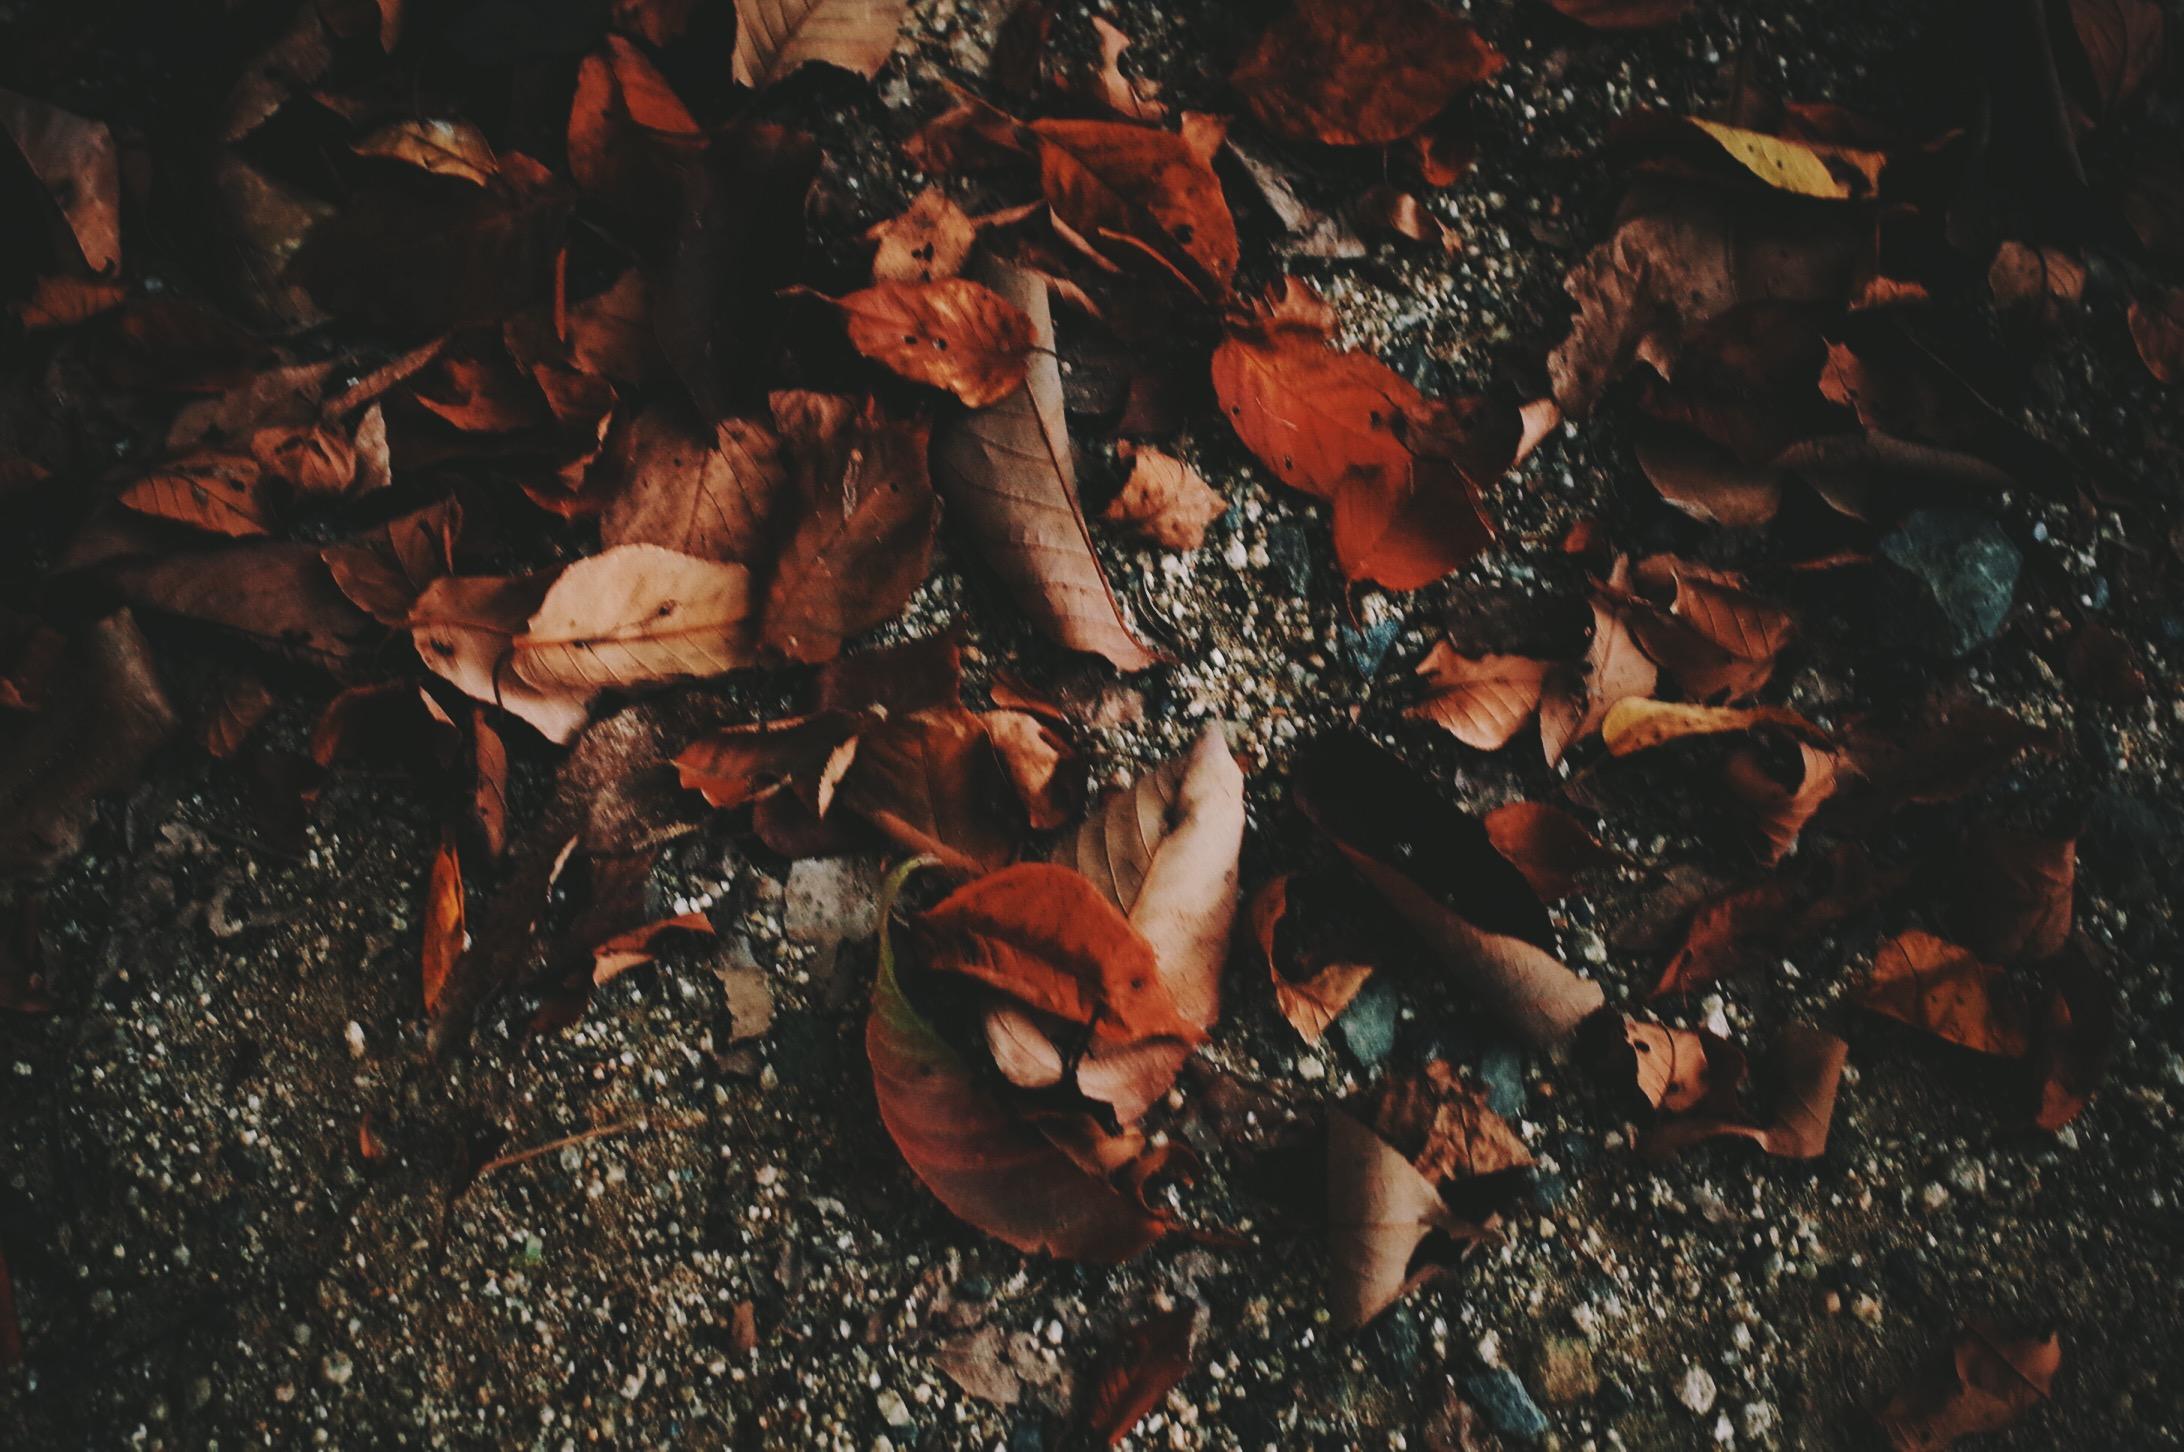 夏から秋が、いちばんせつないよな。なぜだろうね。